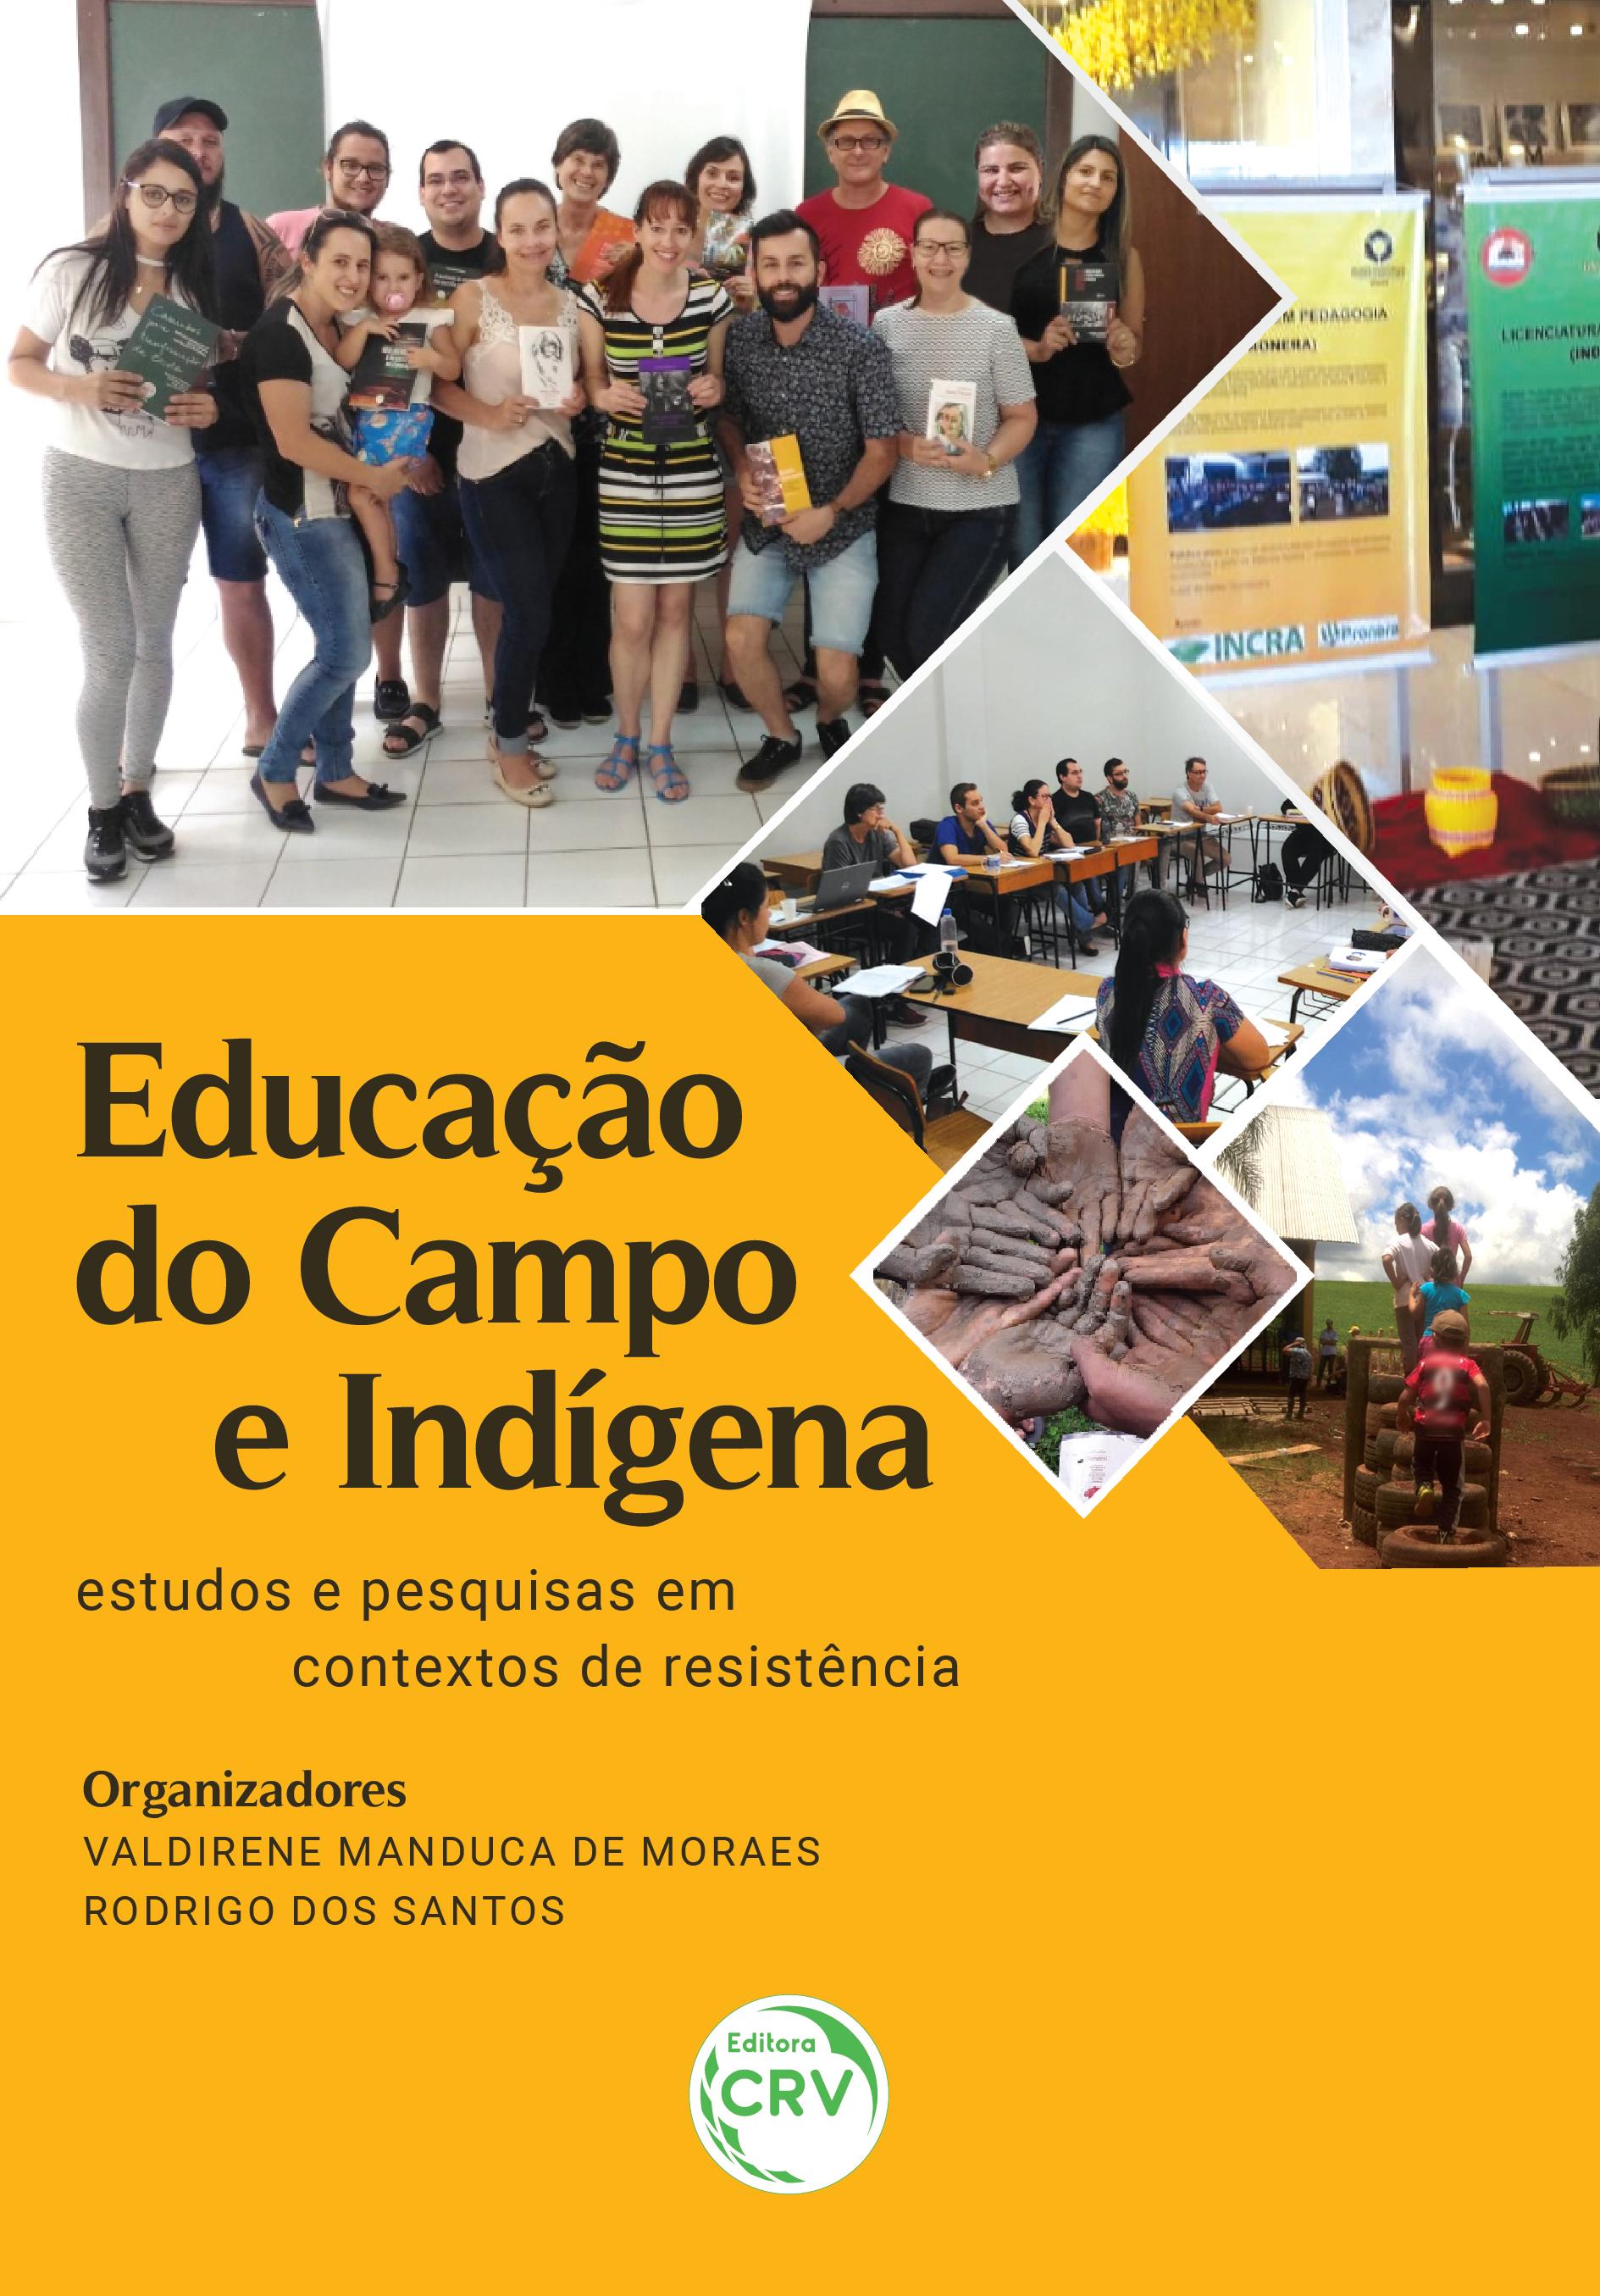 Capa do livro: EDUCAÇÃO DO CAMPO E INDÍGENA: <BR>estudos e pesquisas em contextos de resistência